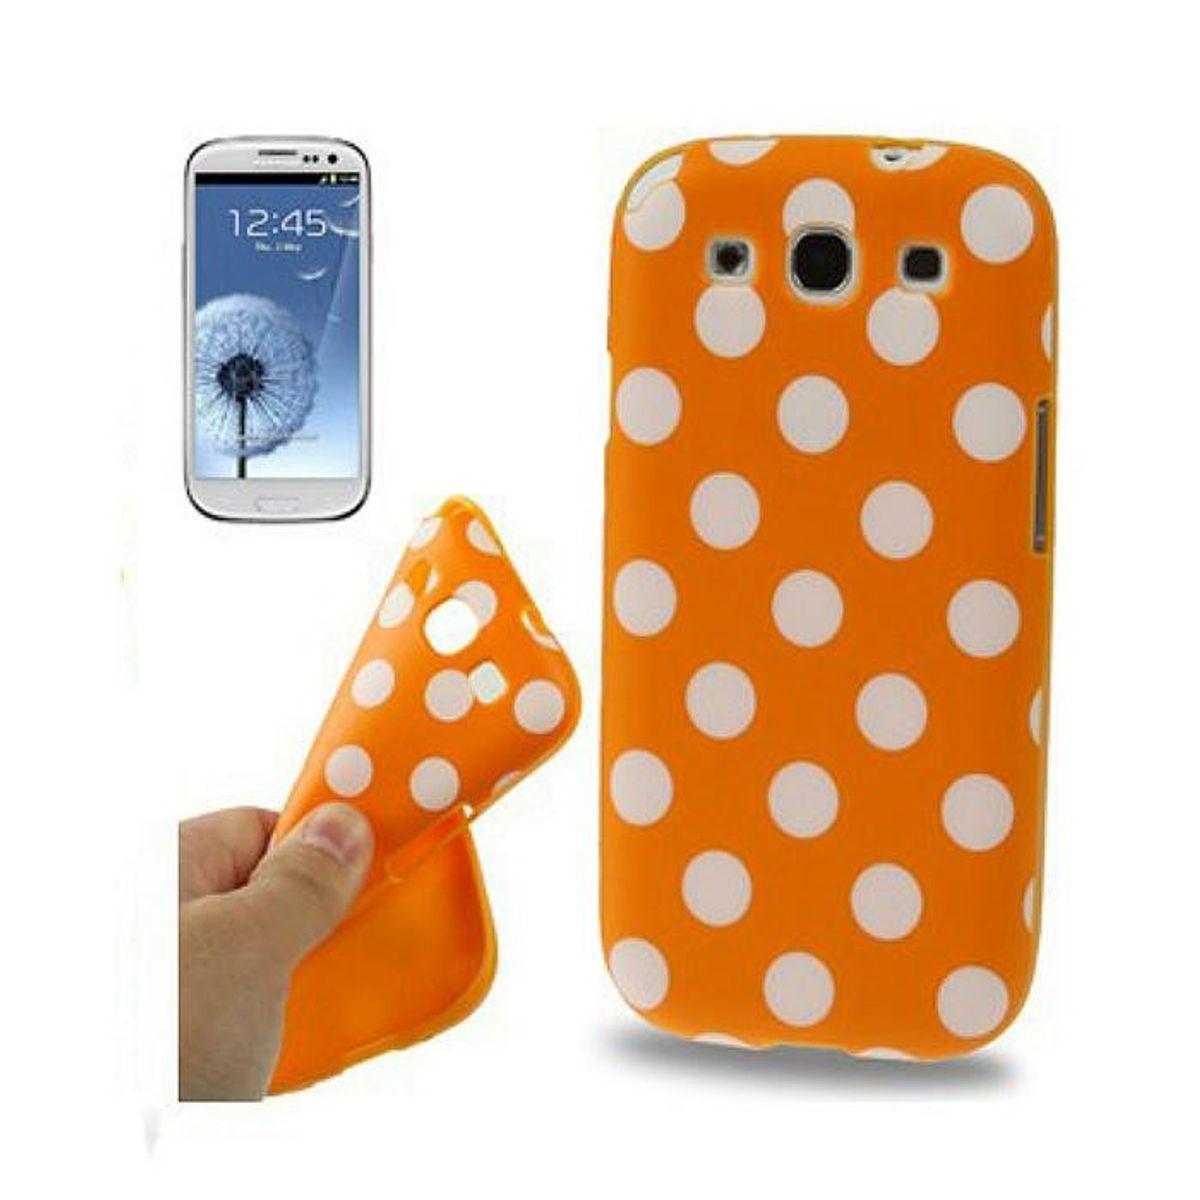 Schutzhülle TPU Case für Handy Samsung I9300 Galaxy S3 Orange